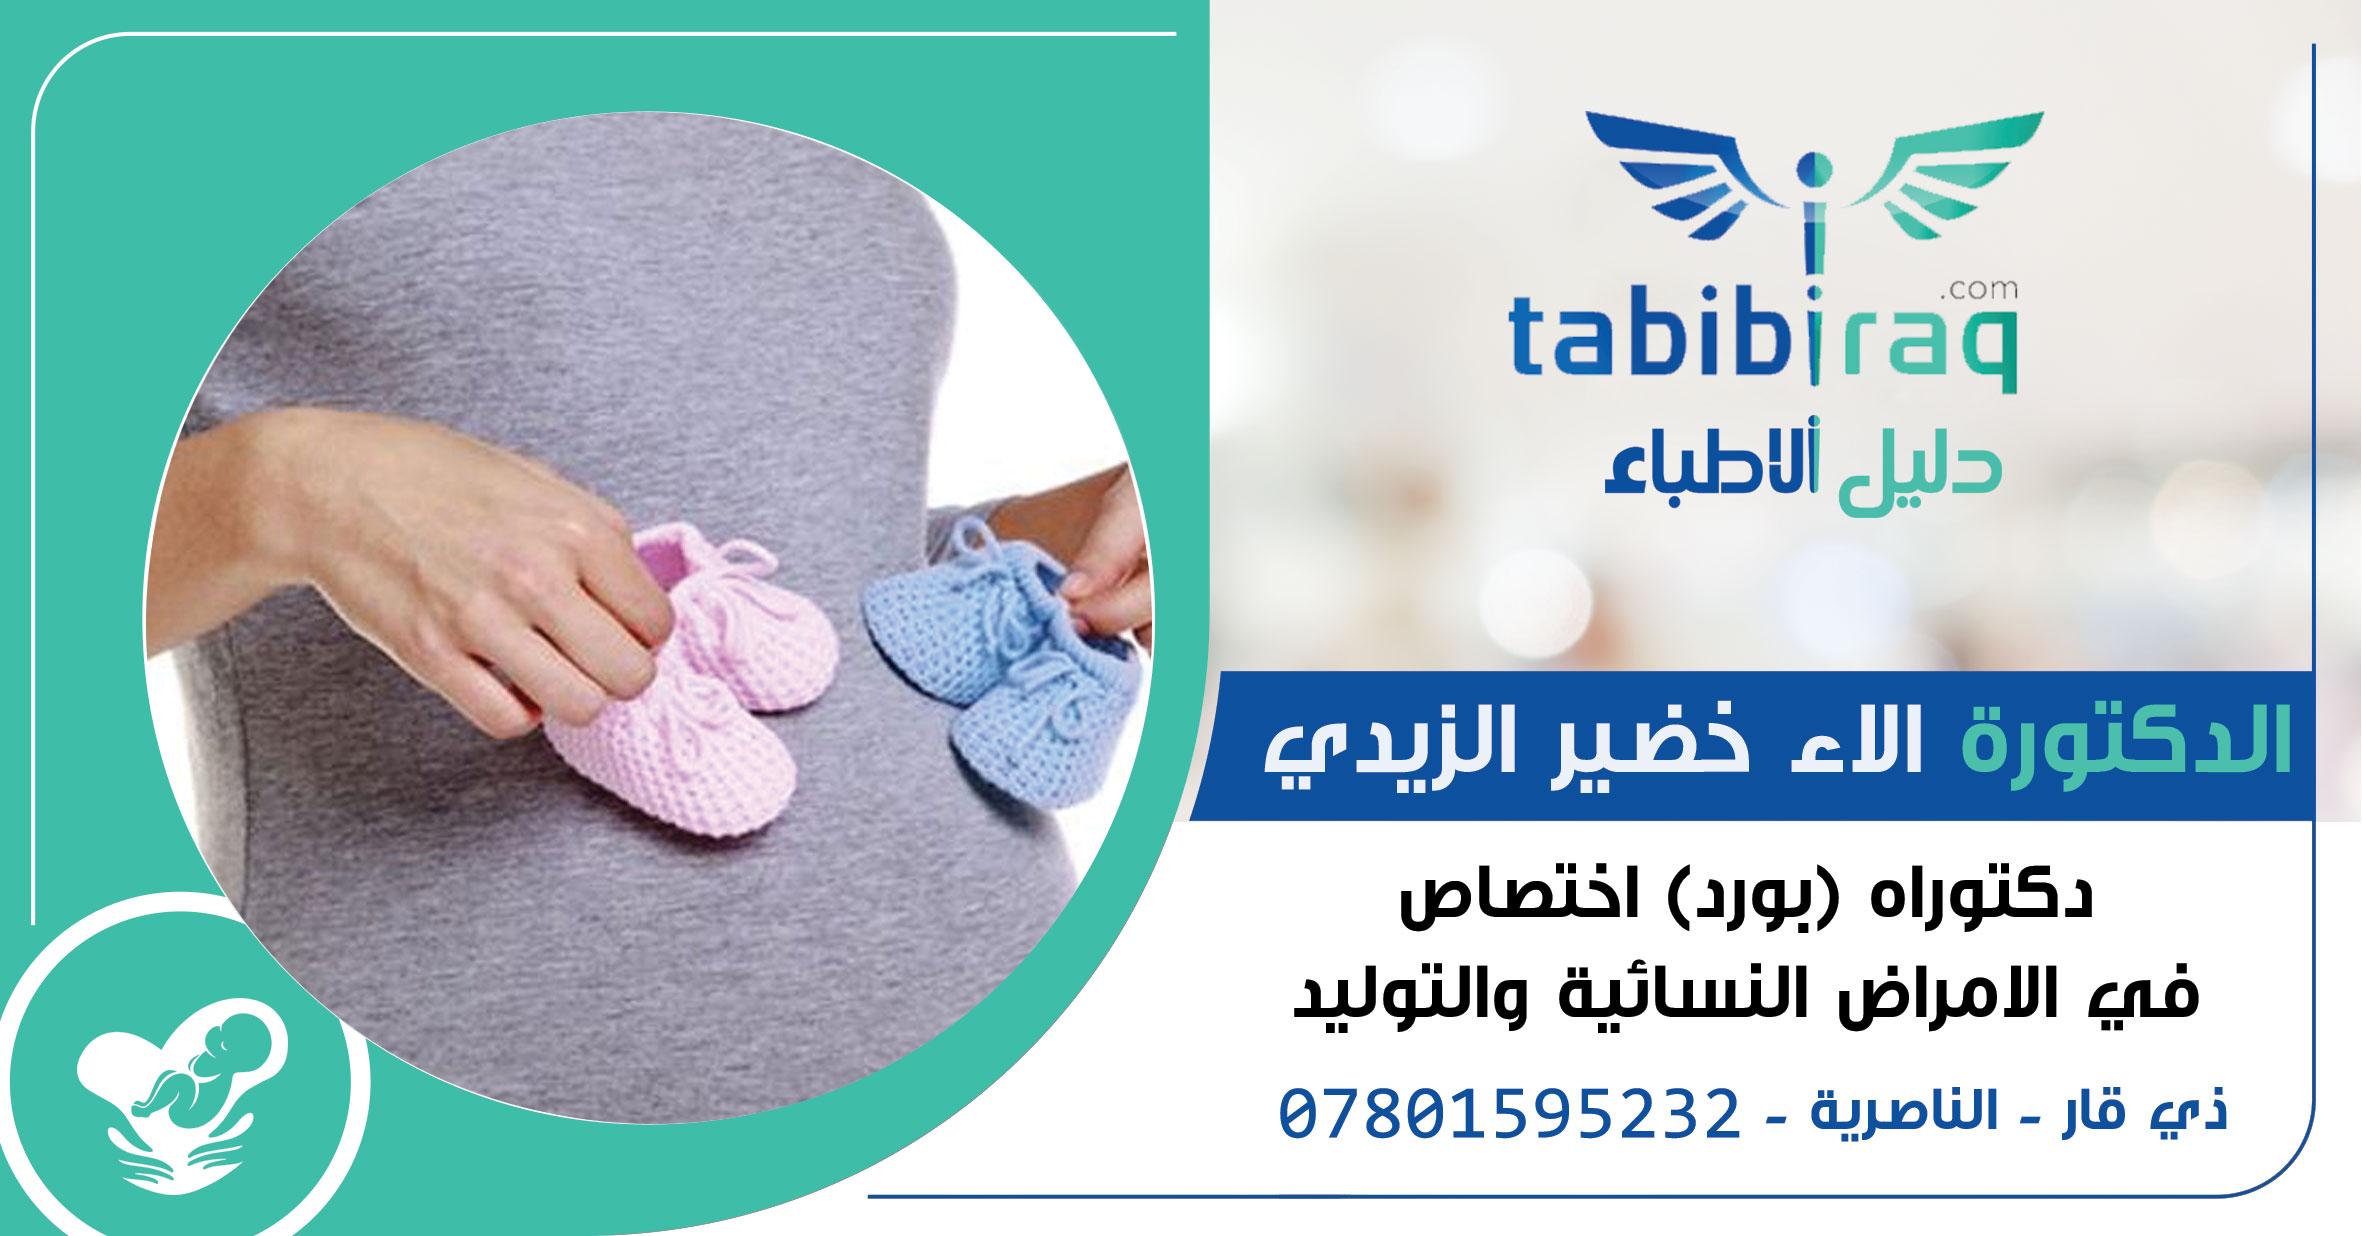 الدكتورة الاء خضير الزيدي